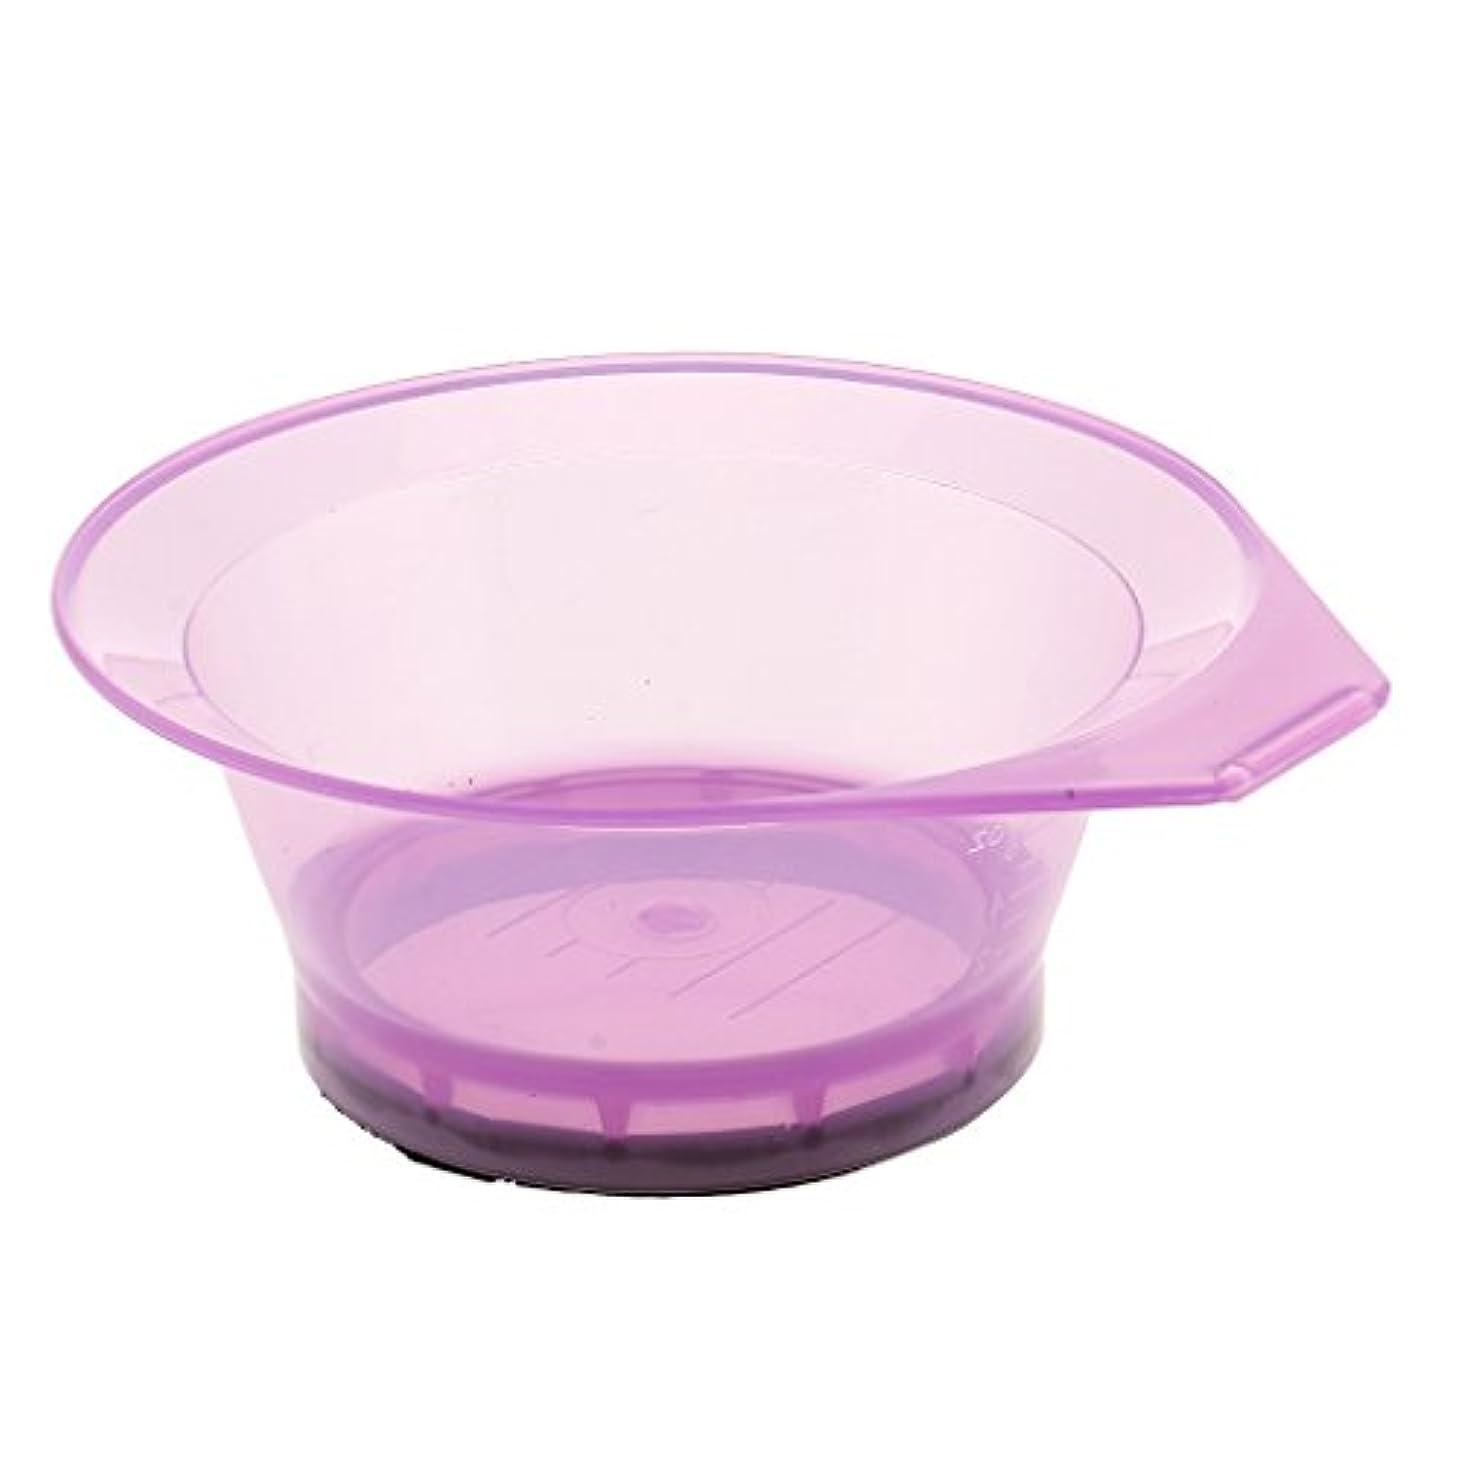 アラブ小学生拡張プラスチックサロン美容ヘアカラーリング色素ティントブリーチミキシングボウル - 紫